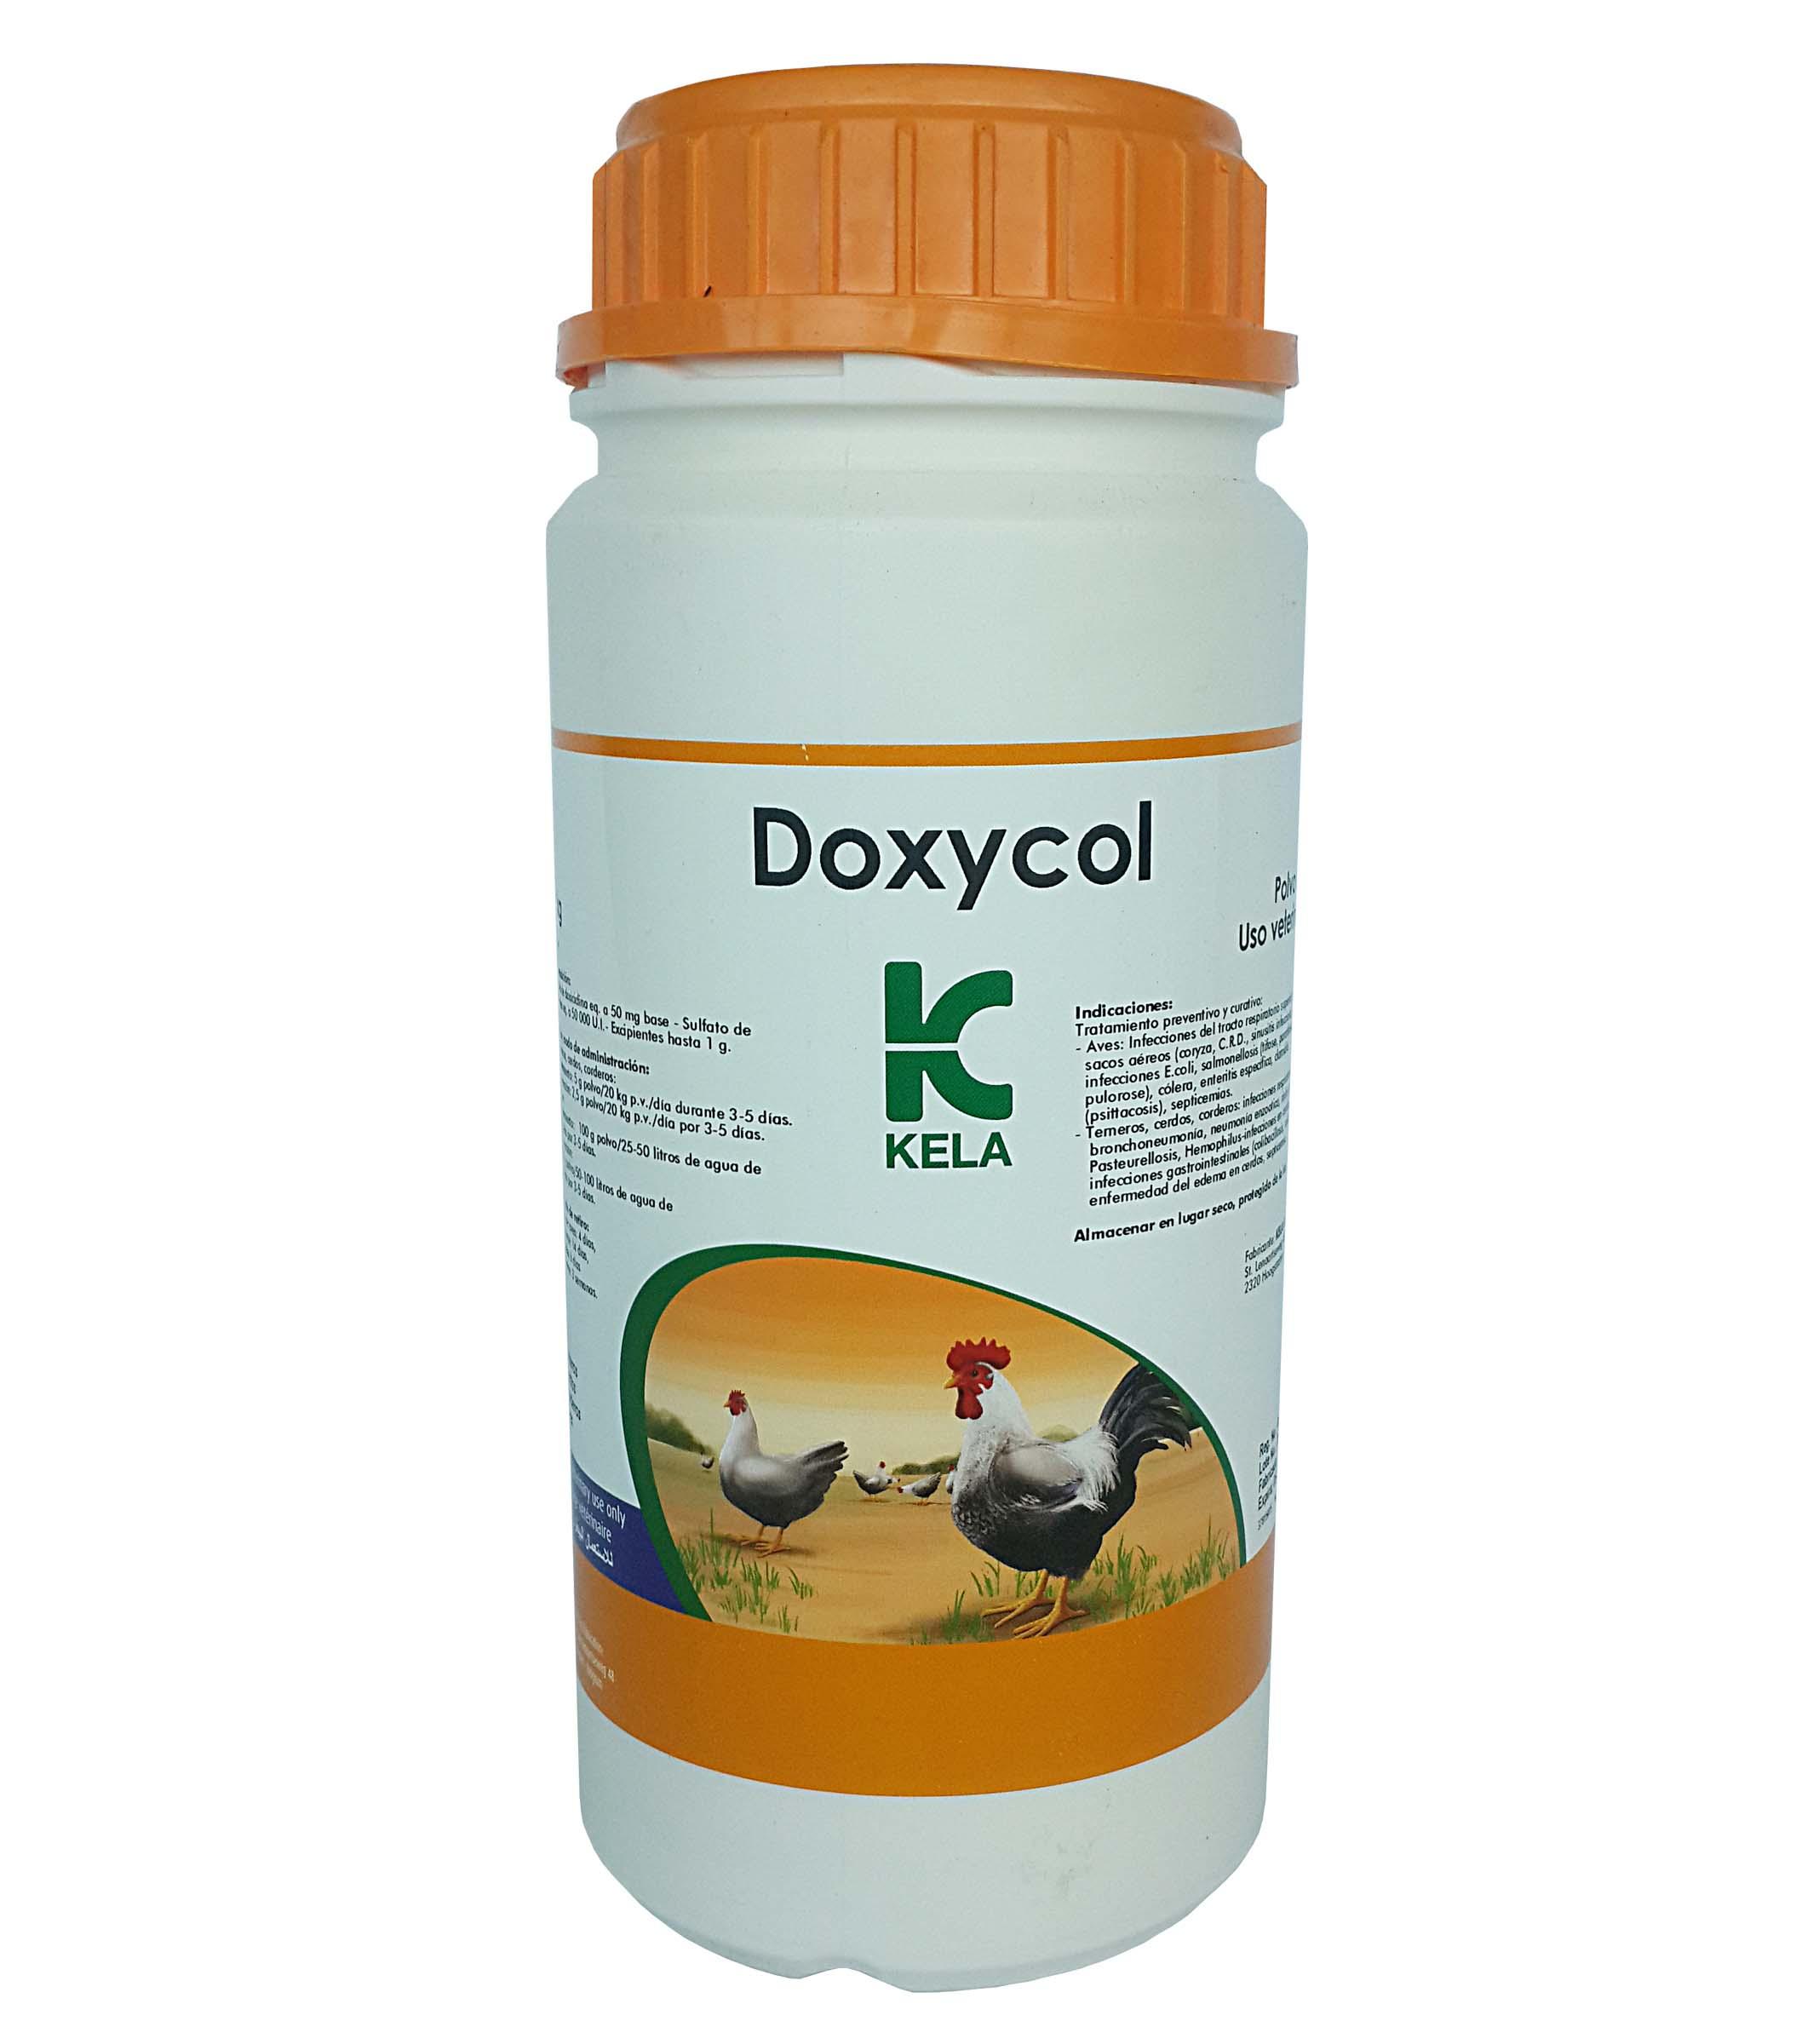 Doxycol